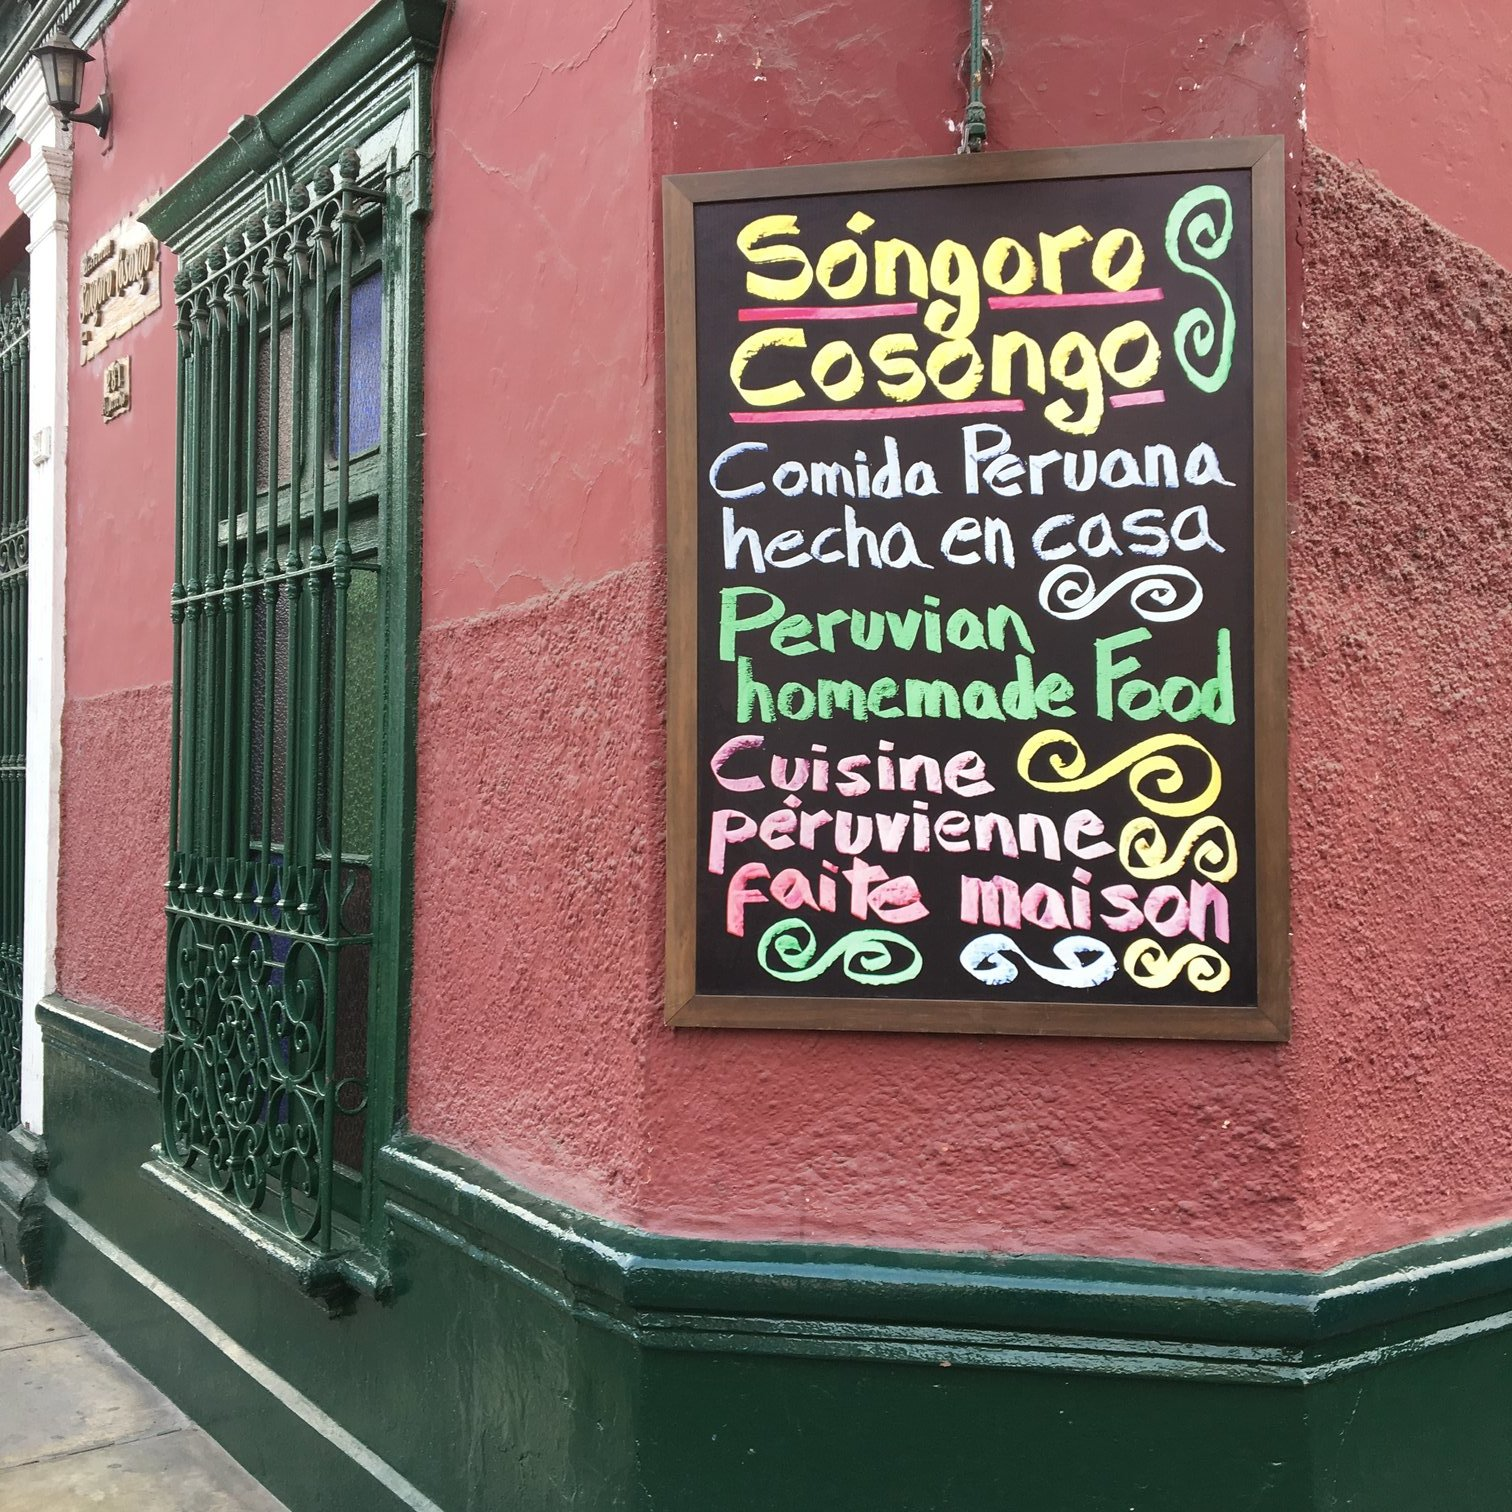 Hospedagem em Barranco Lima Peru.jpg